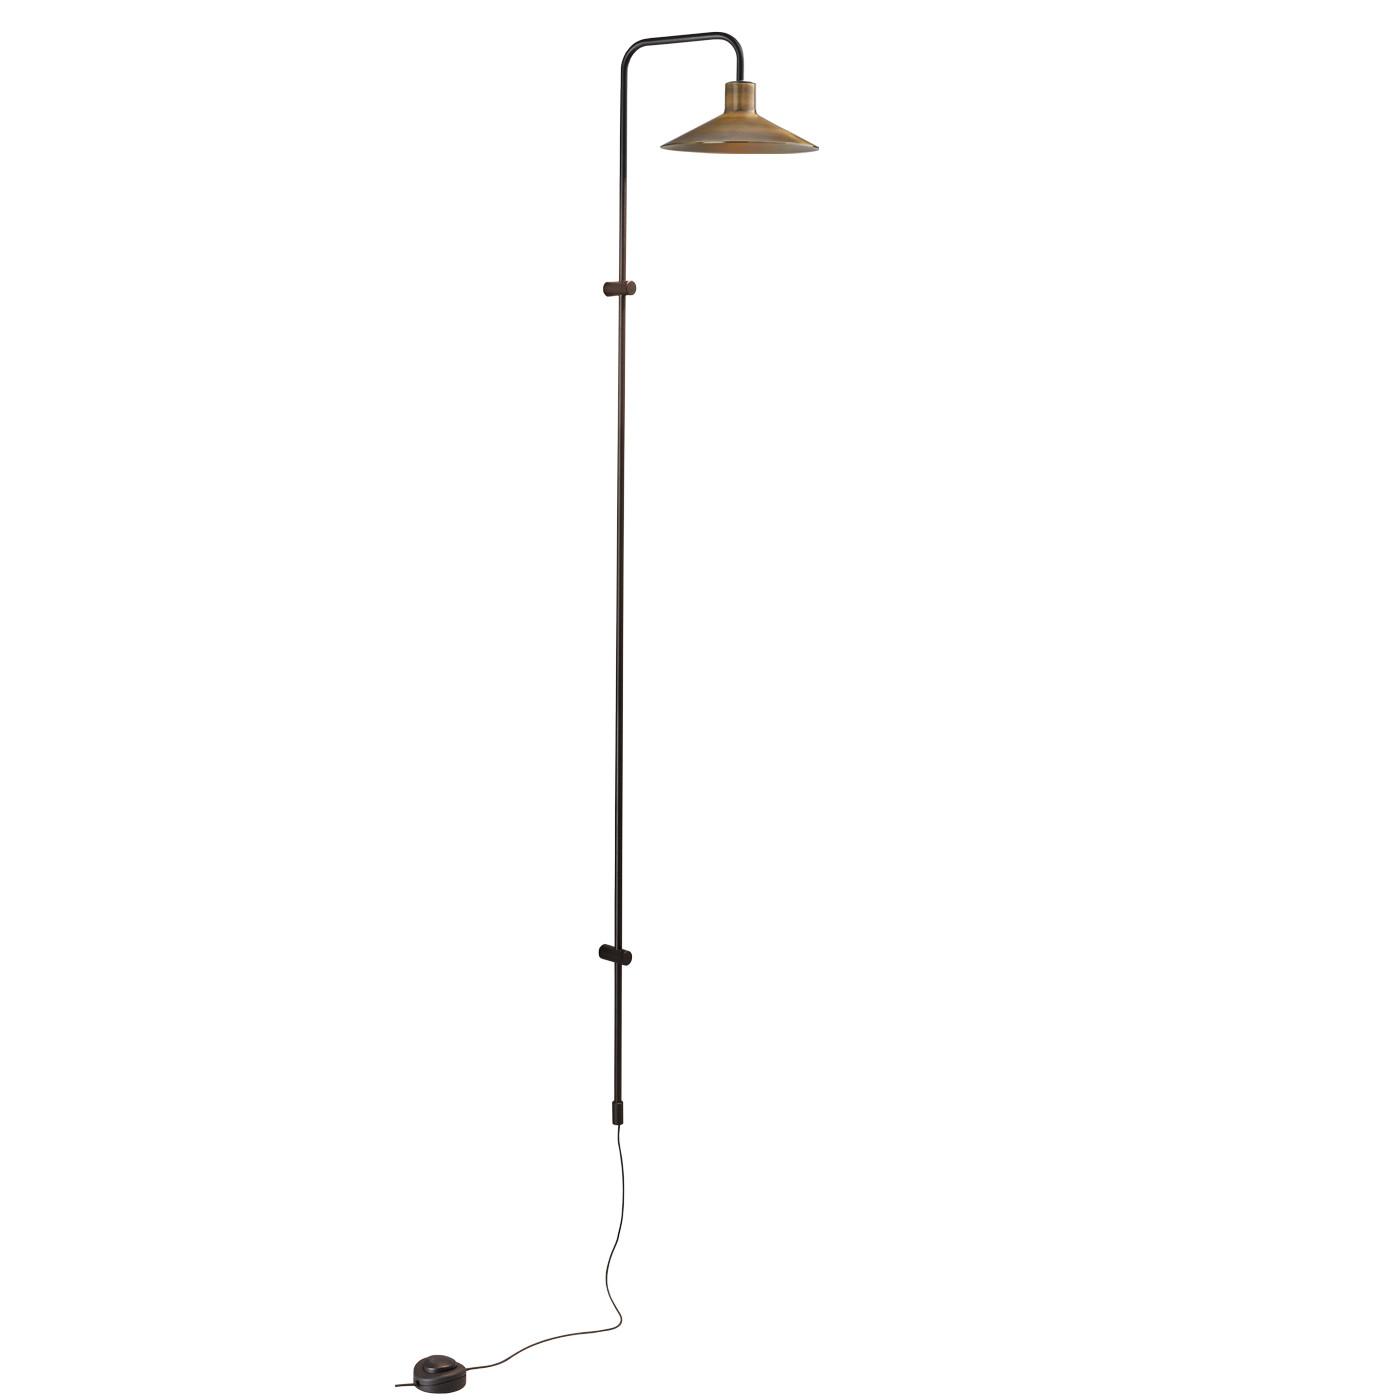 Bover Platet A/05 LED